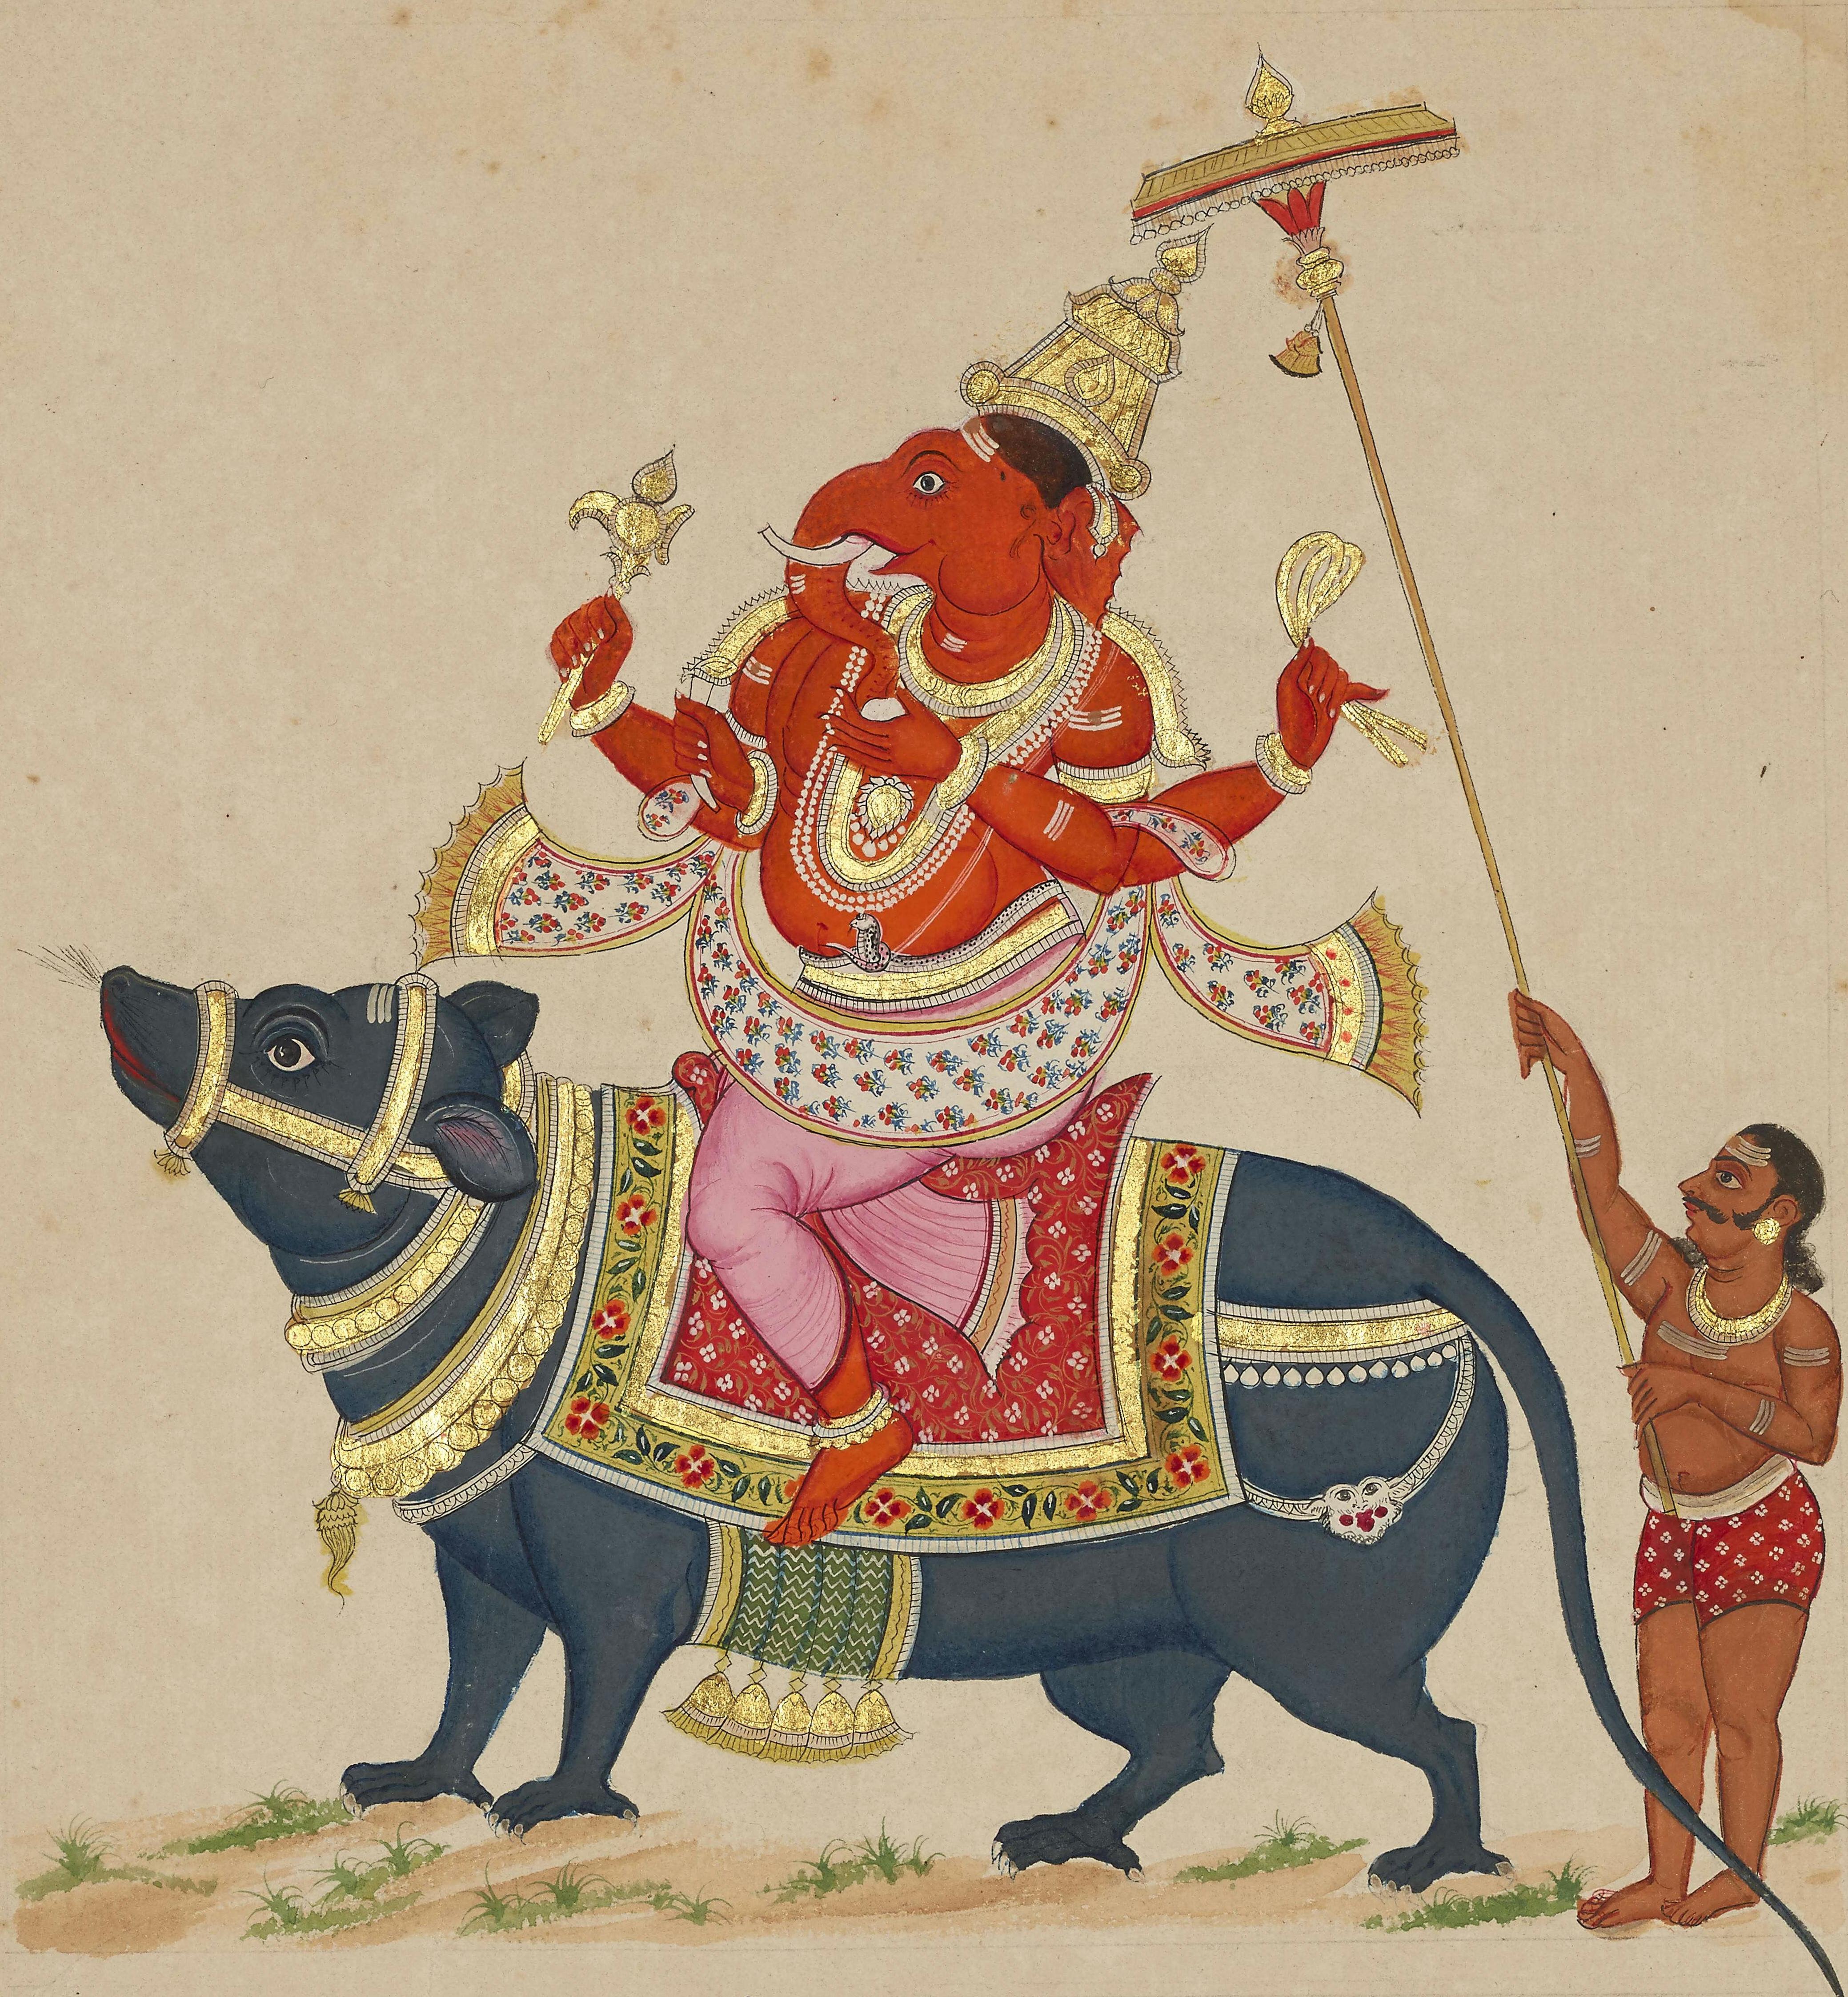 Thajavur Ganesha.jpg